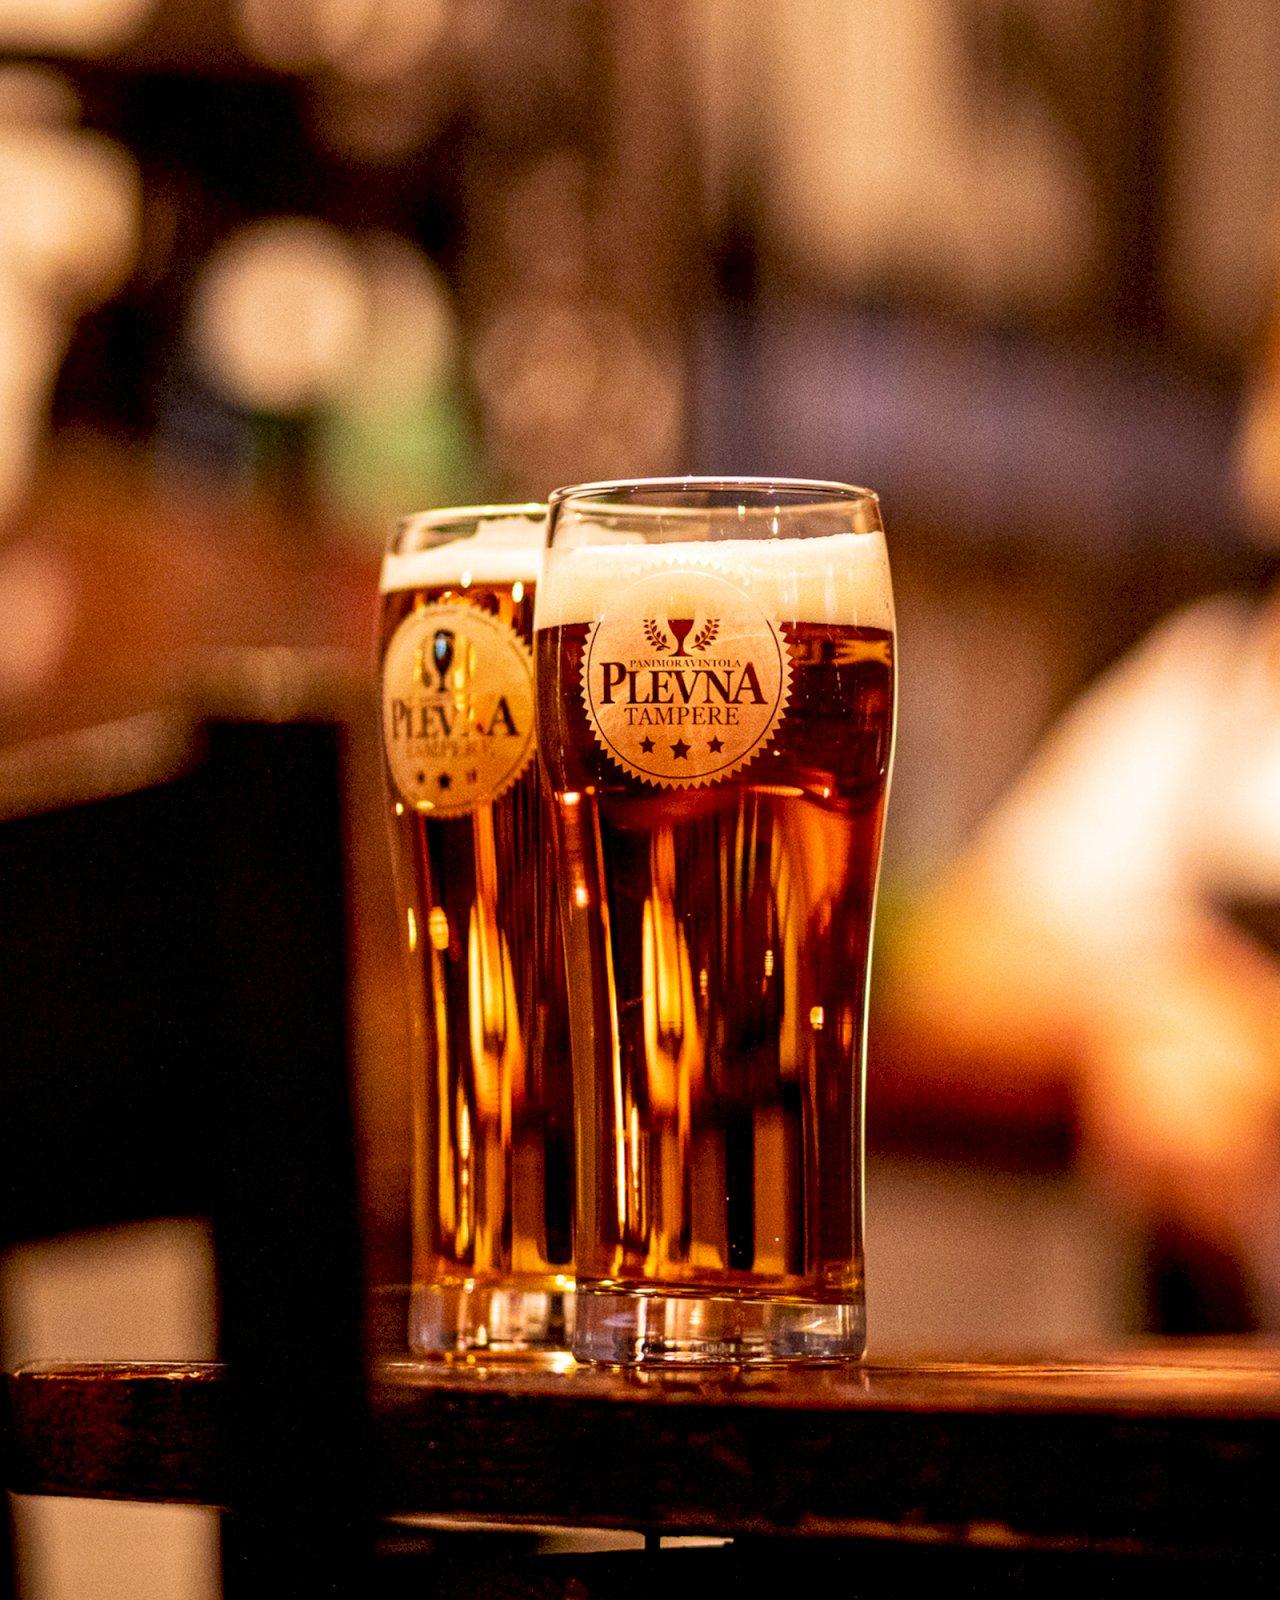 Panimoravintola Plevnan oman panimon oluita kahteen olutlasiin kaadettuna.